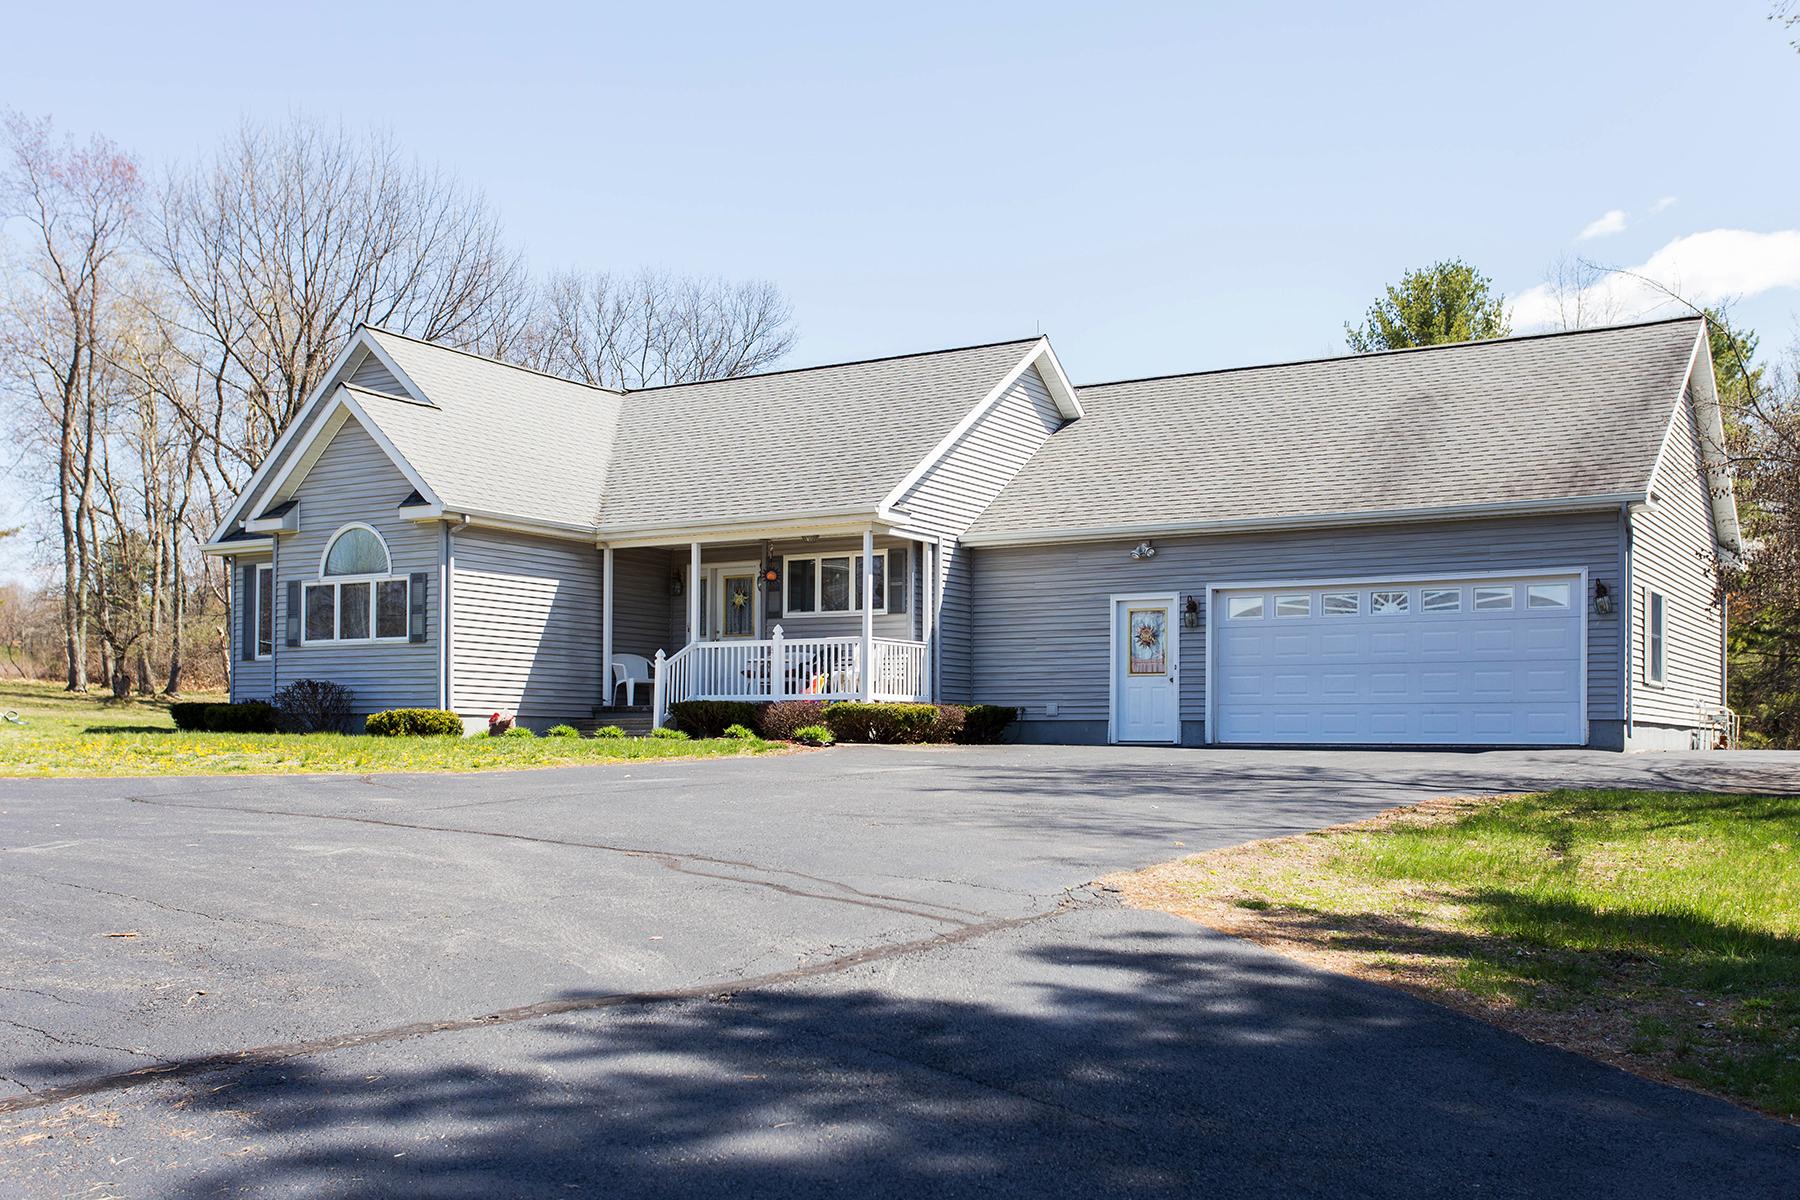 独户住宅 为 销售 在 Live and Work at Home on 7 Acres 2624 State Route 40 格林威治, 纽约州 12834 美国